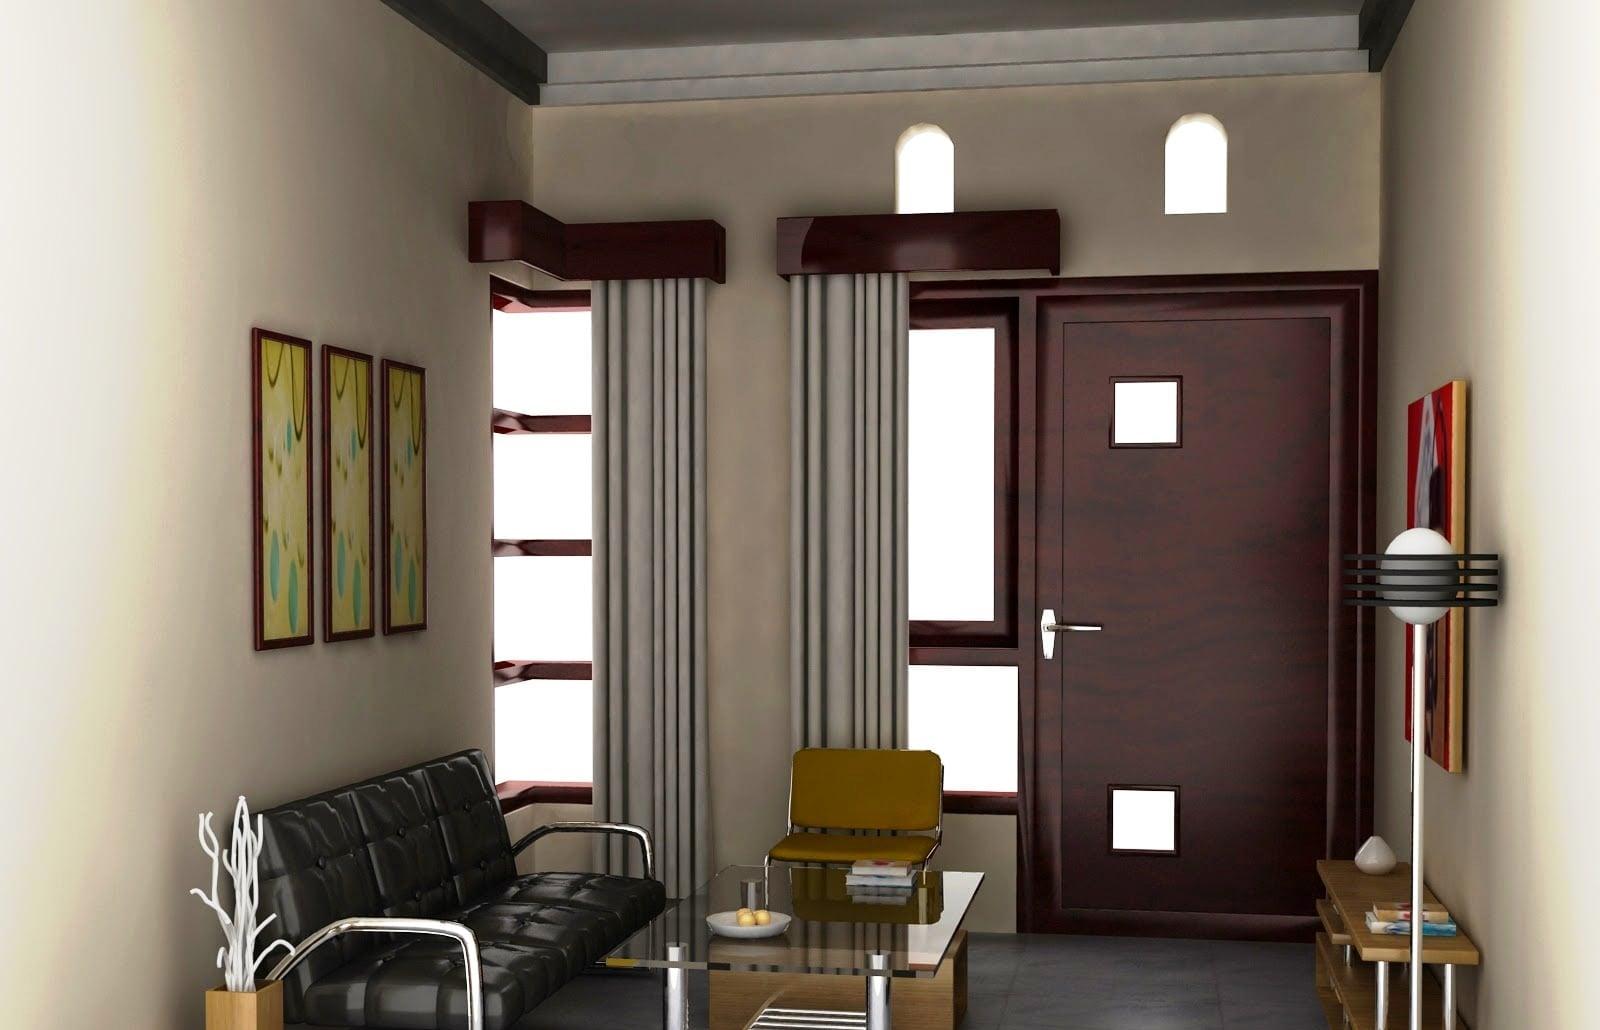 Teratas Desain Interior Rumah Mungil 27 Di Ide Merombak Rumah oleh Desain Interior Rumah Mungil